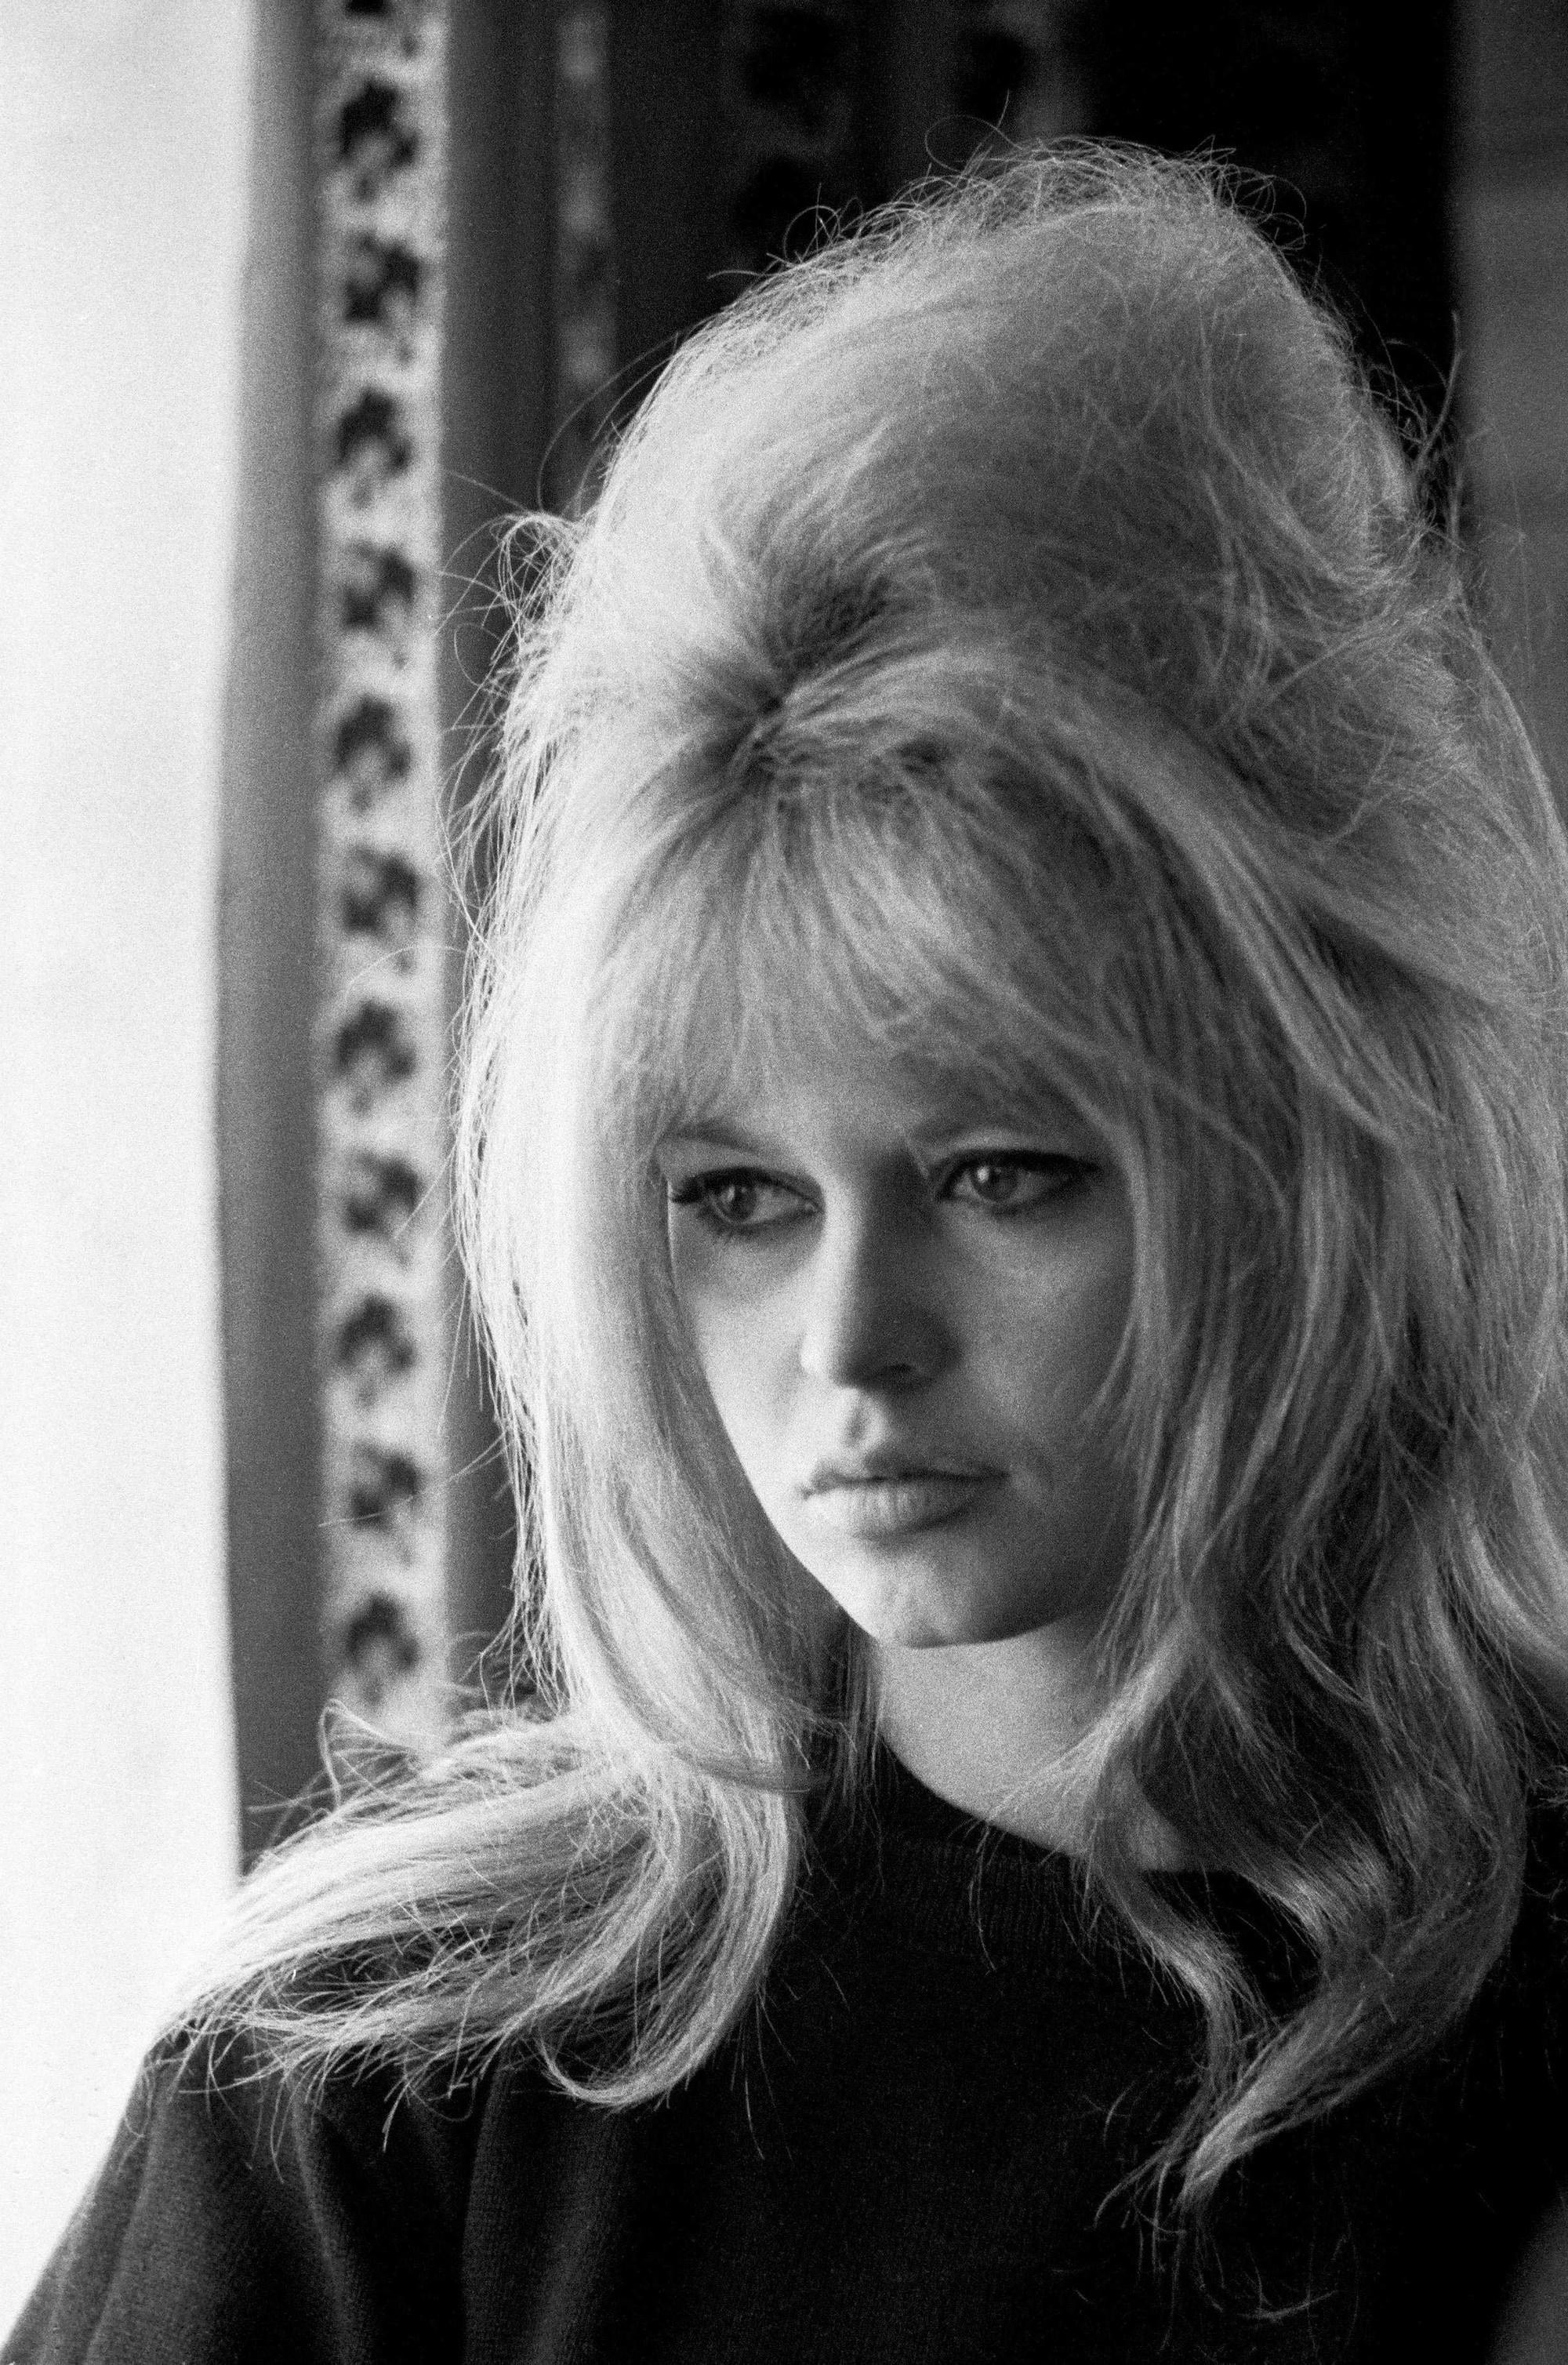 brigitte bardot, actrice française des années 60, avec ses cheveux blonds dans une ruche